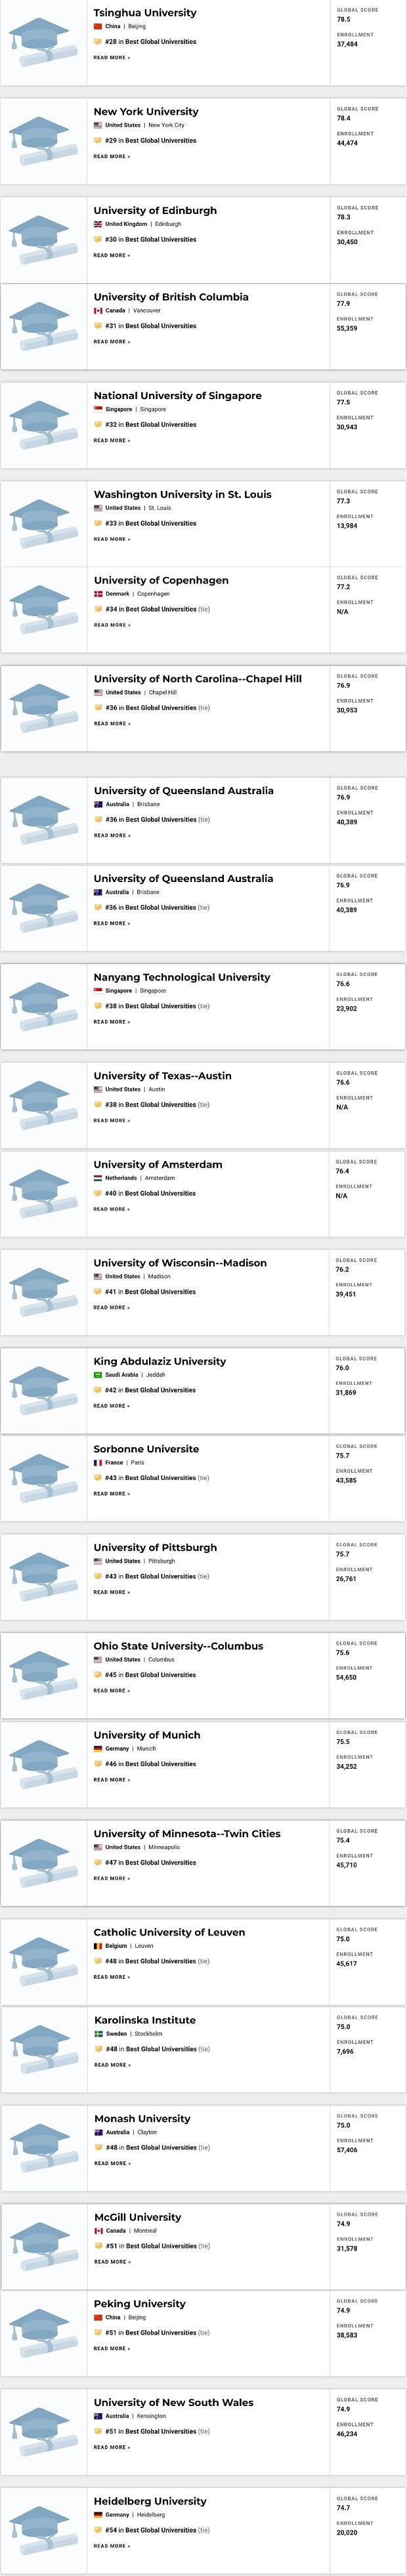 世界大学排名.jpg